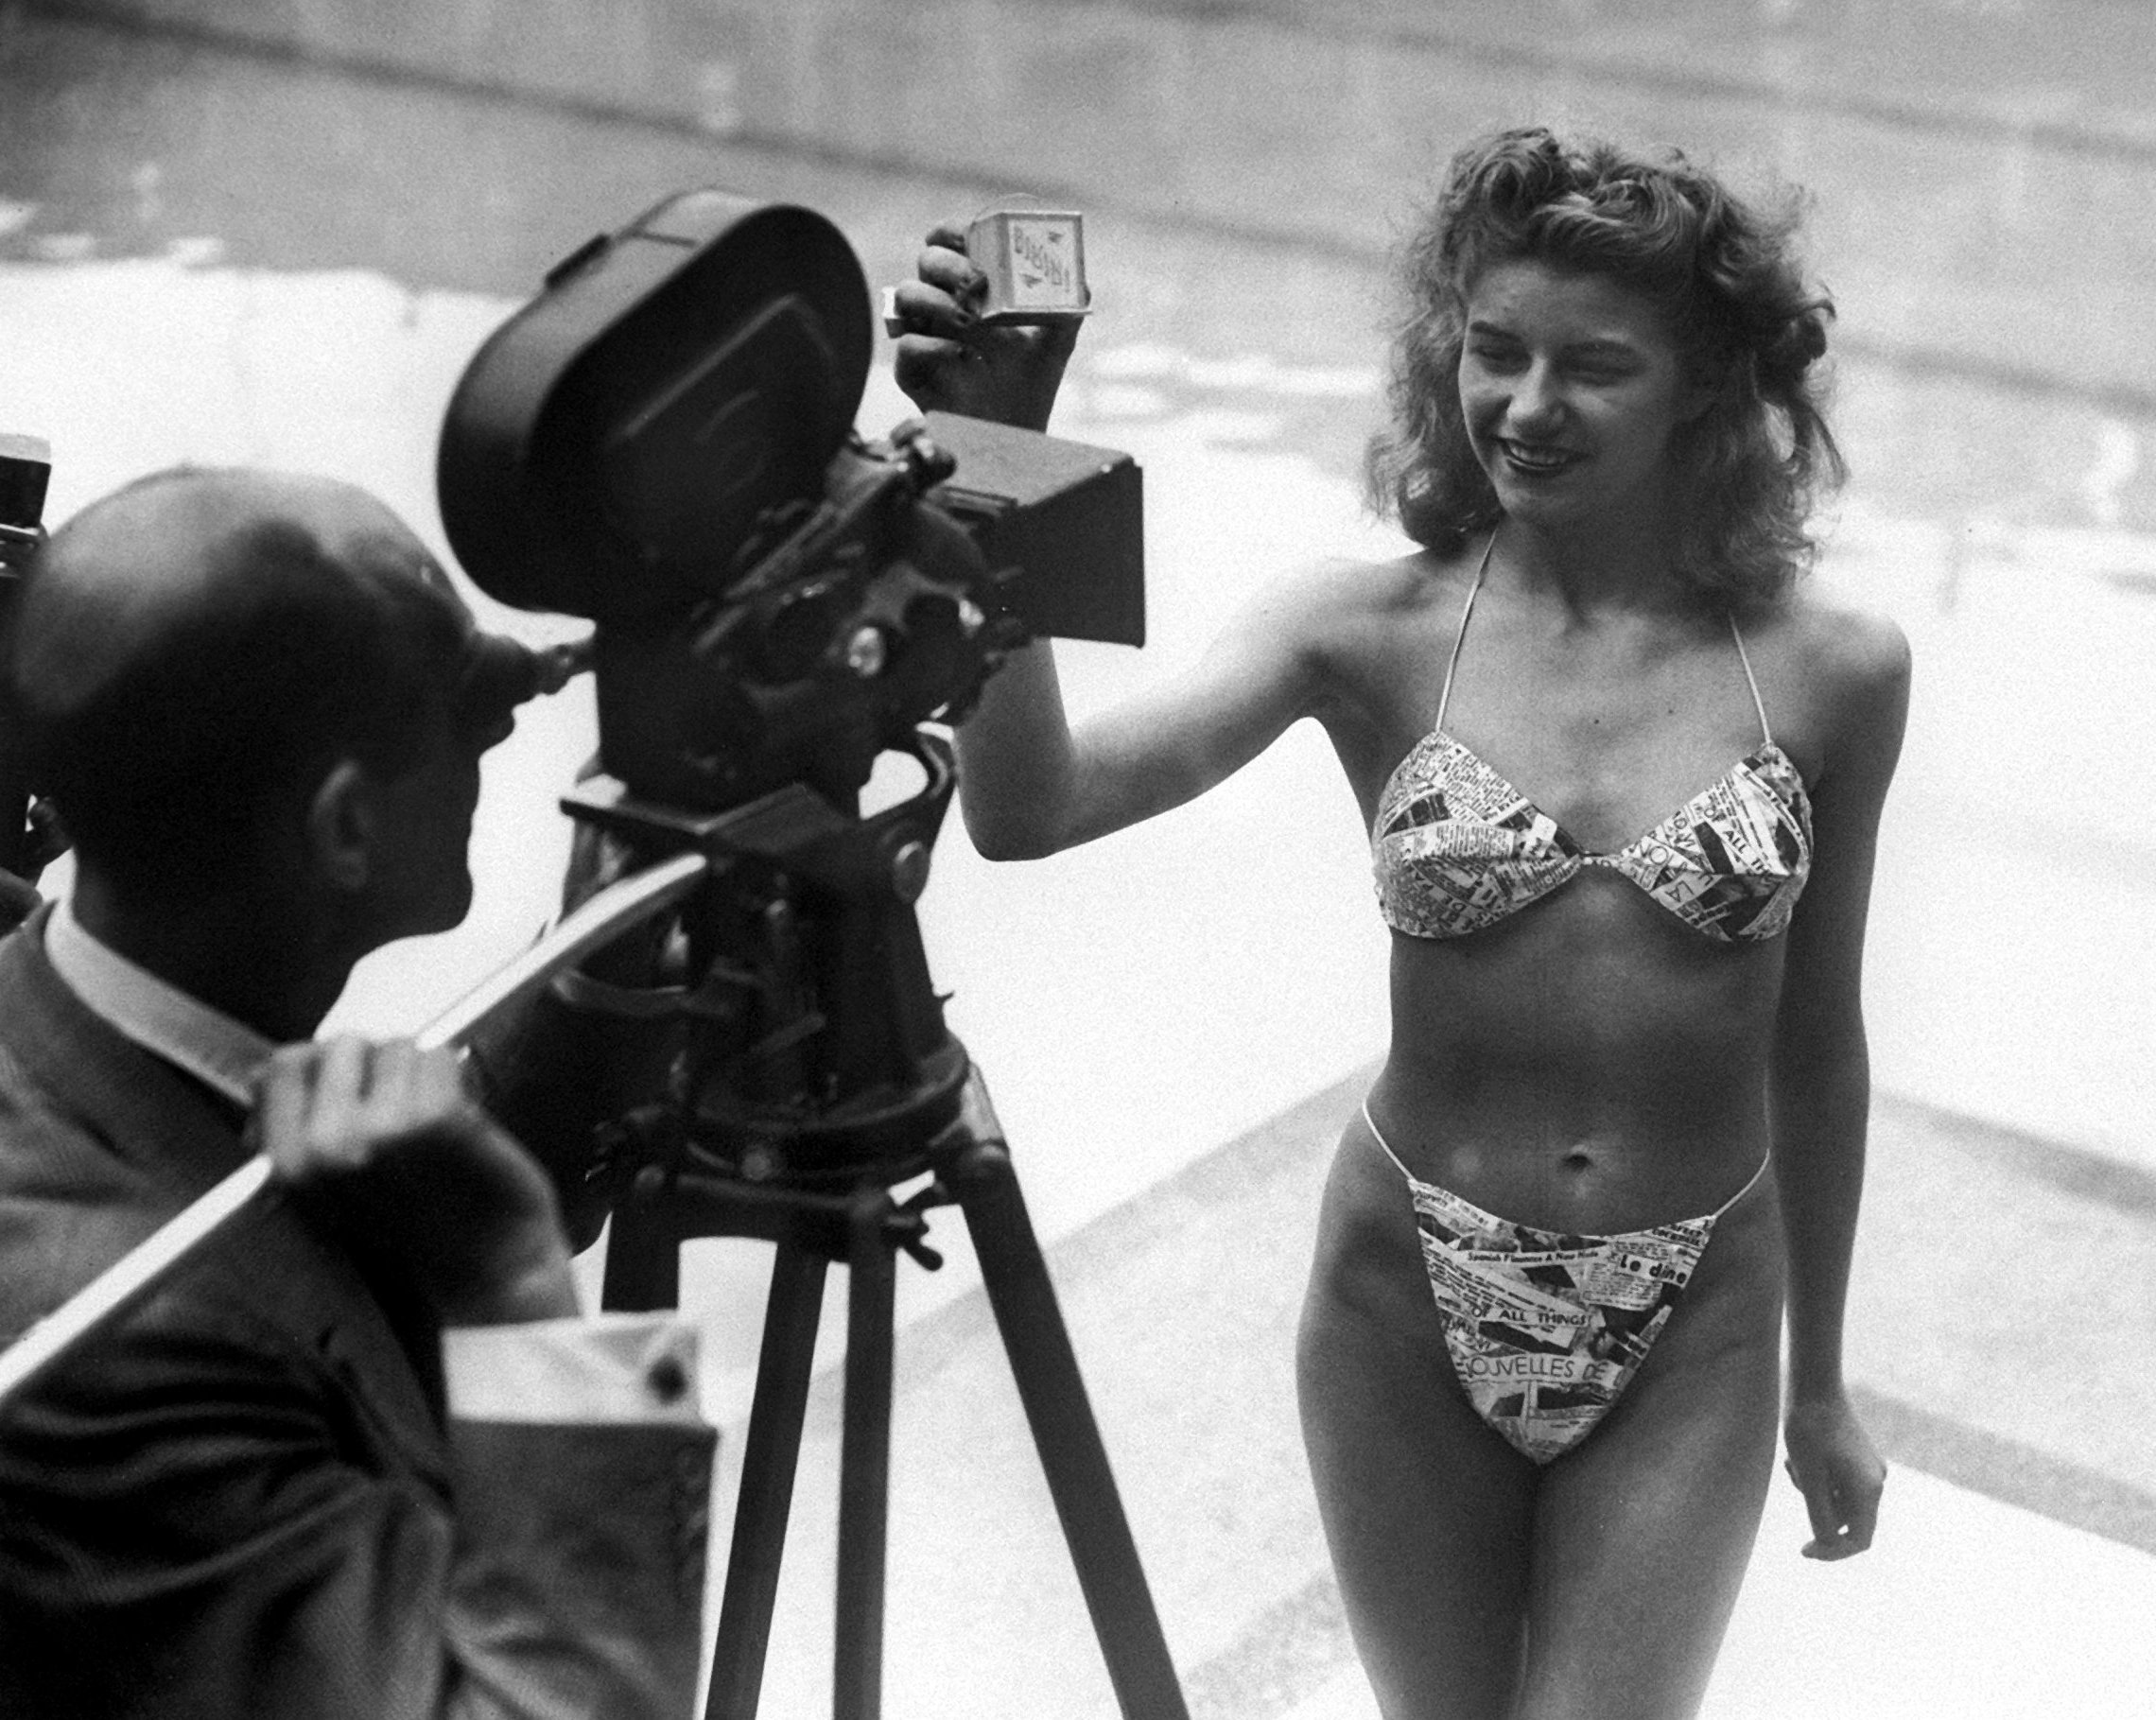 Ingenieure erfinden auch schon mal etwas, das mit Technik nichts zu tun hat, wie hier den ersten Bikini. Er wurde vom französischen Ingenieur Louis Reard entwickelt. Das Foto zeigt Micheline Bernardini, eine Nackttänzerin des Pariser Casinos, die das gute Stück am 5. Juli 1946 in einem Schwimmbad in Paris vorstellt.